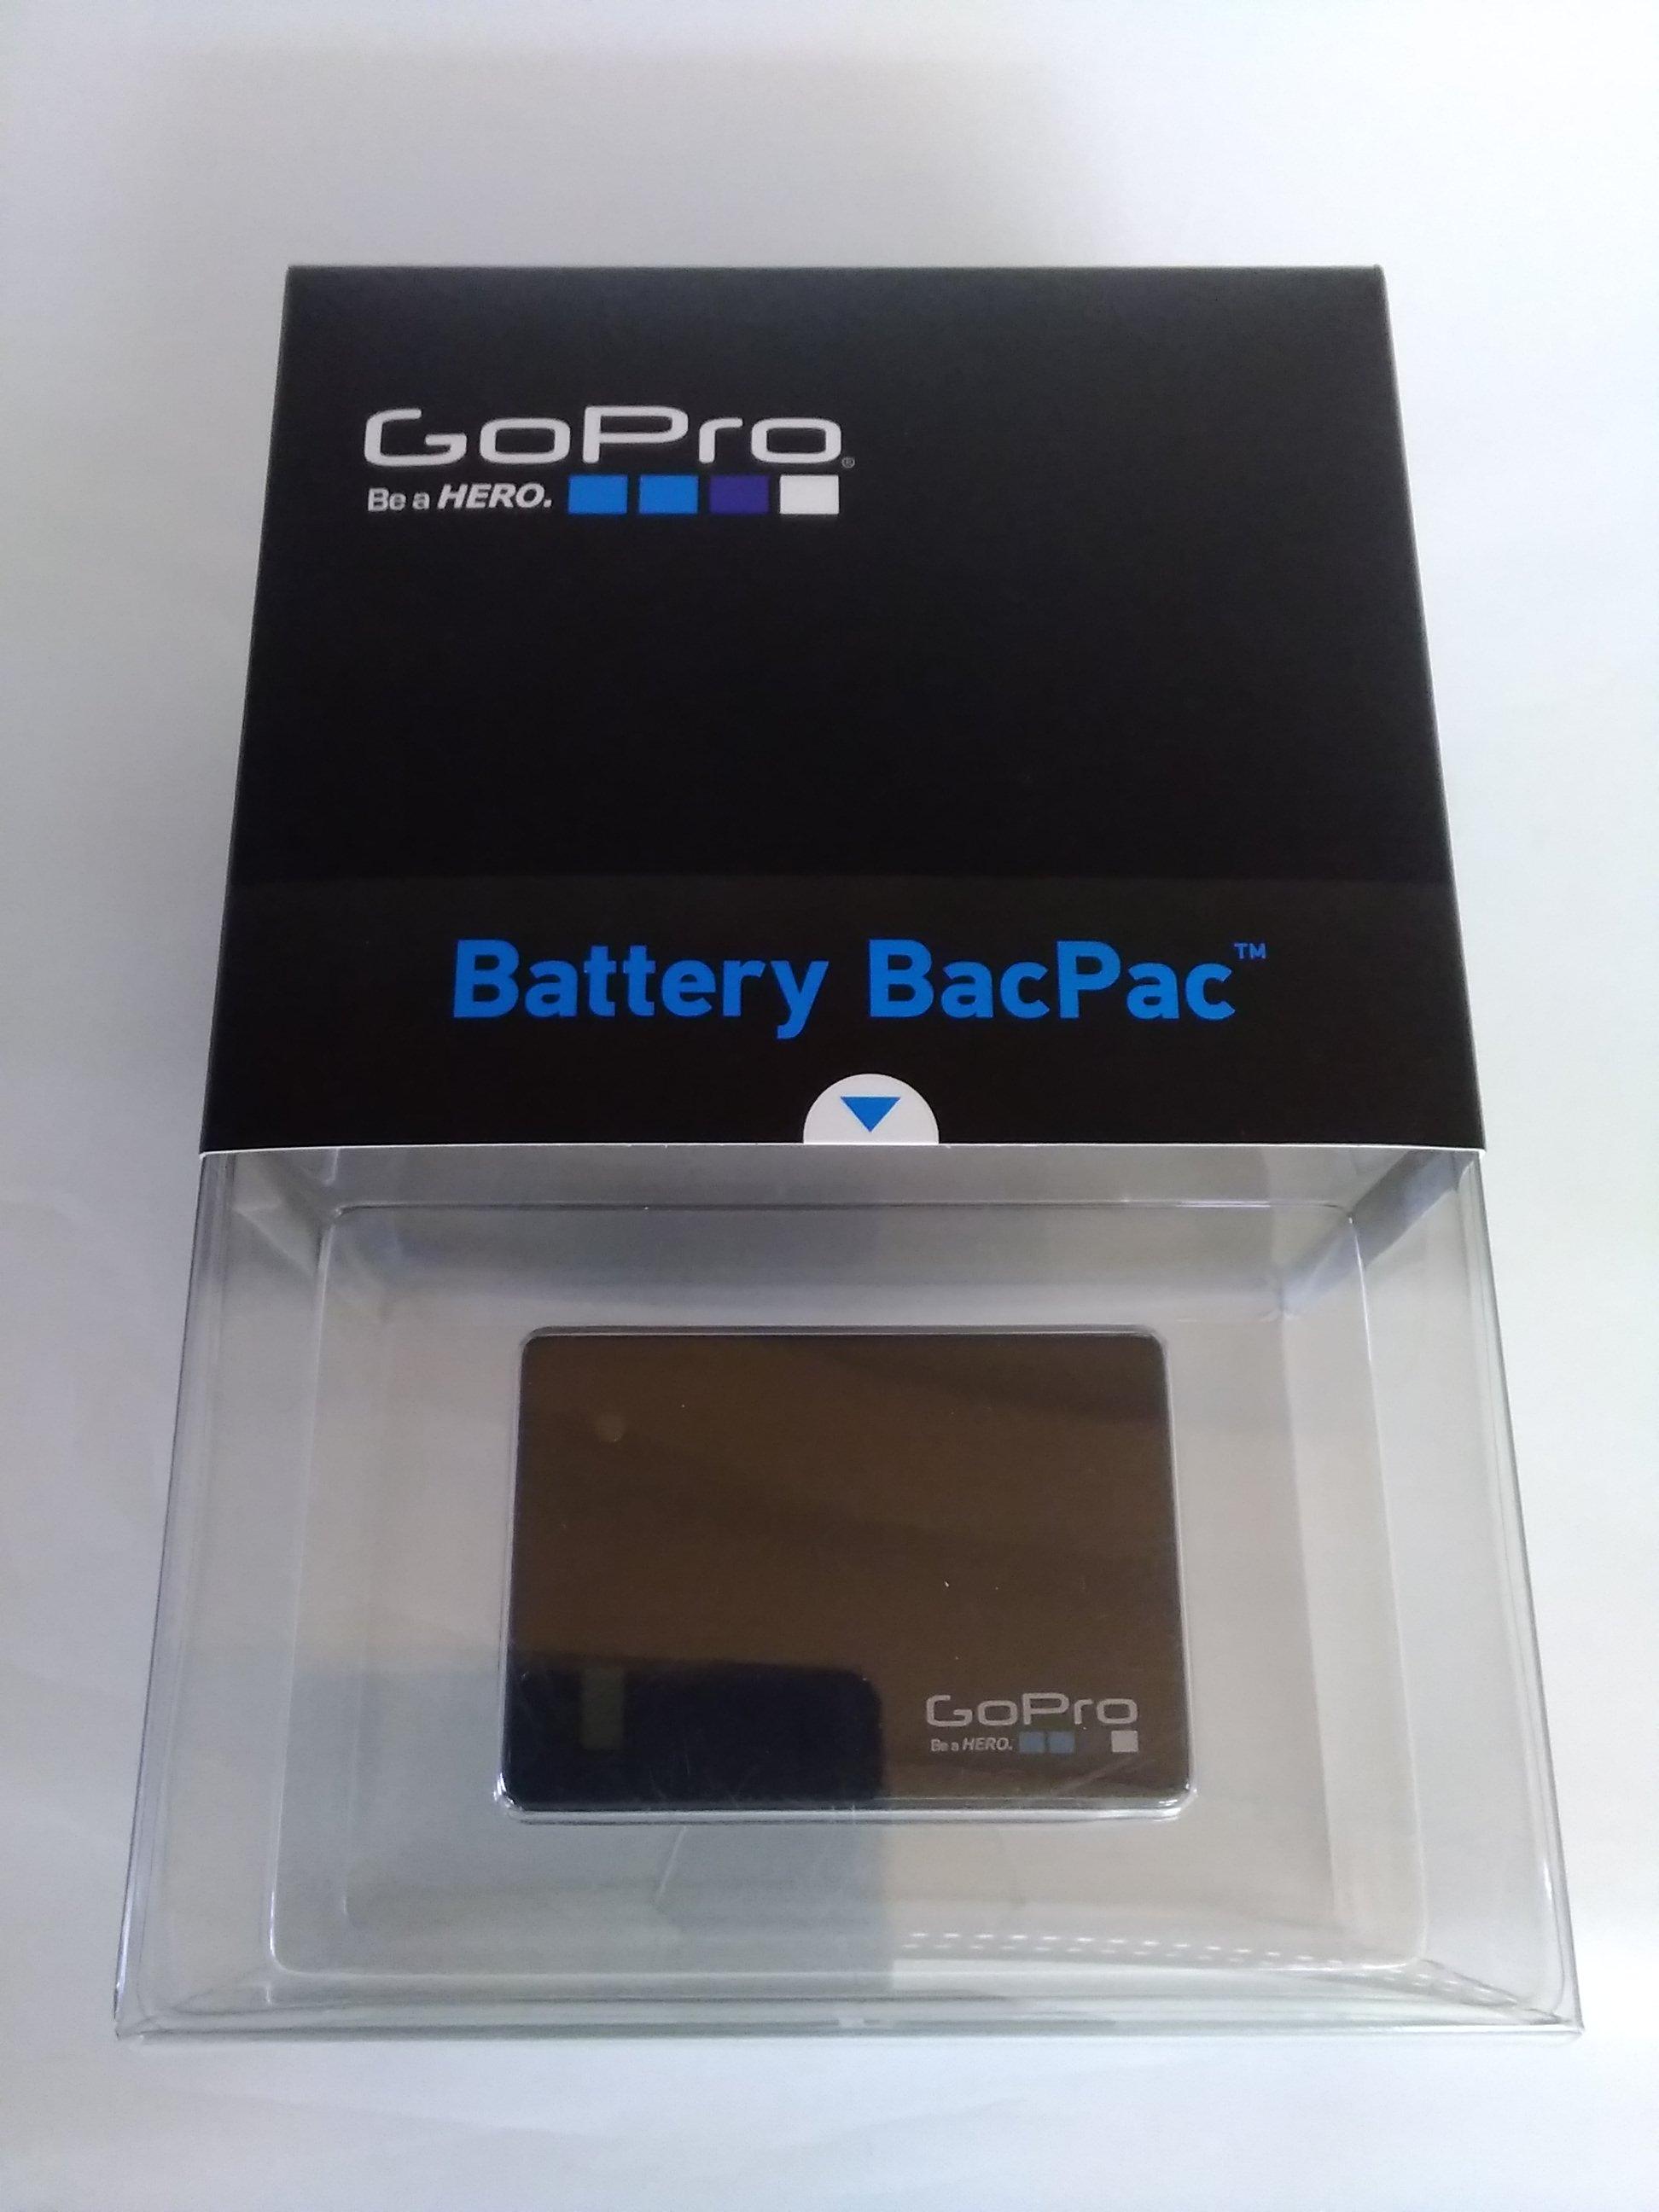 バッテリーバックパック|GOPRO